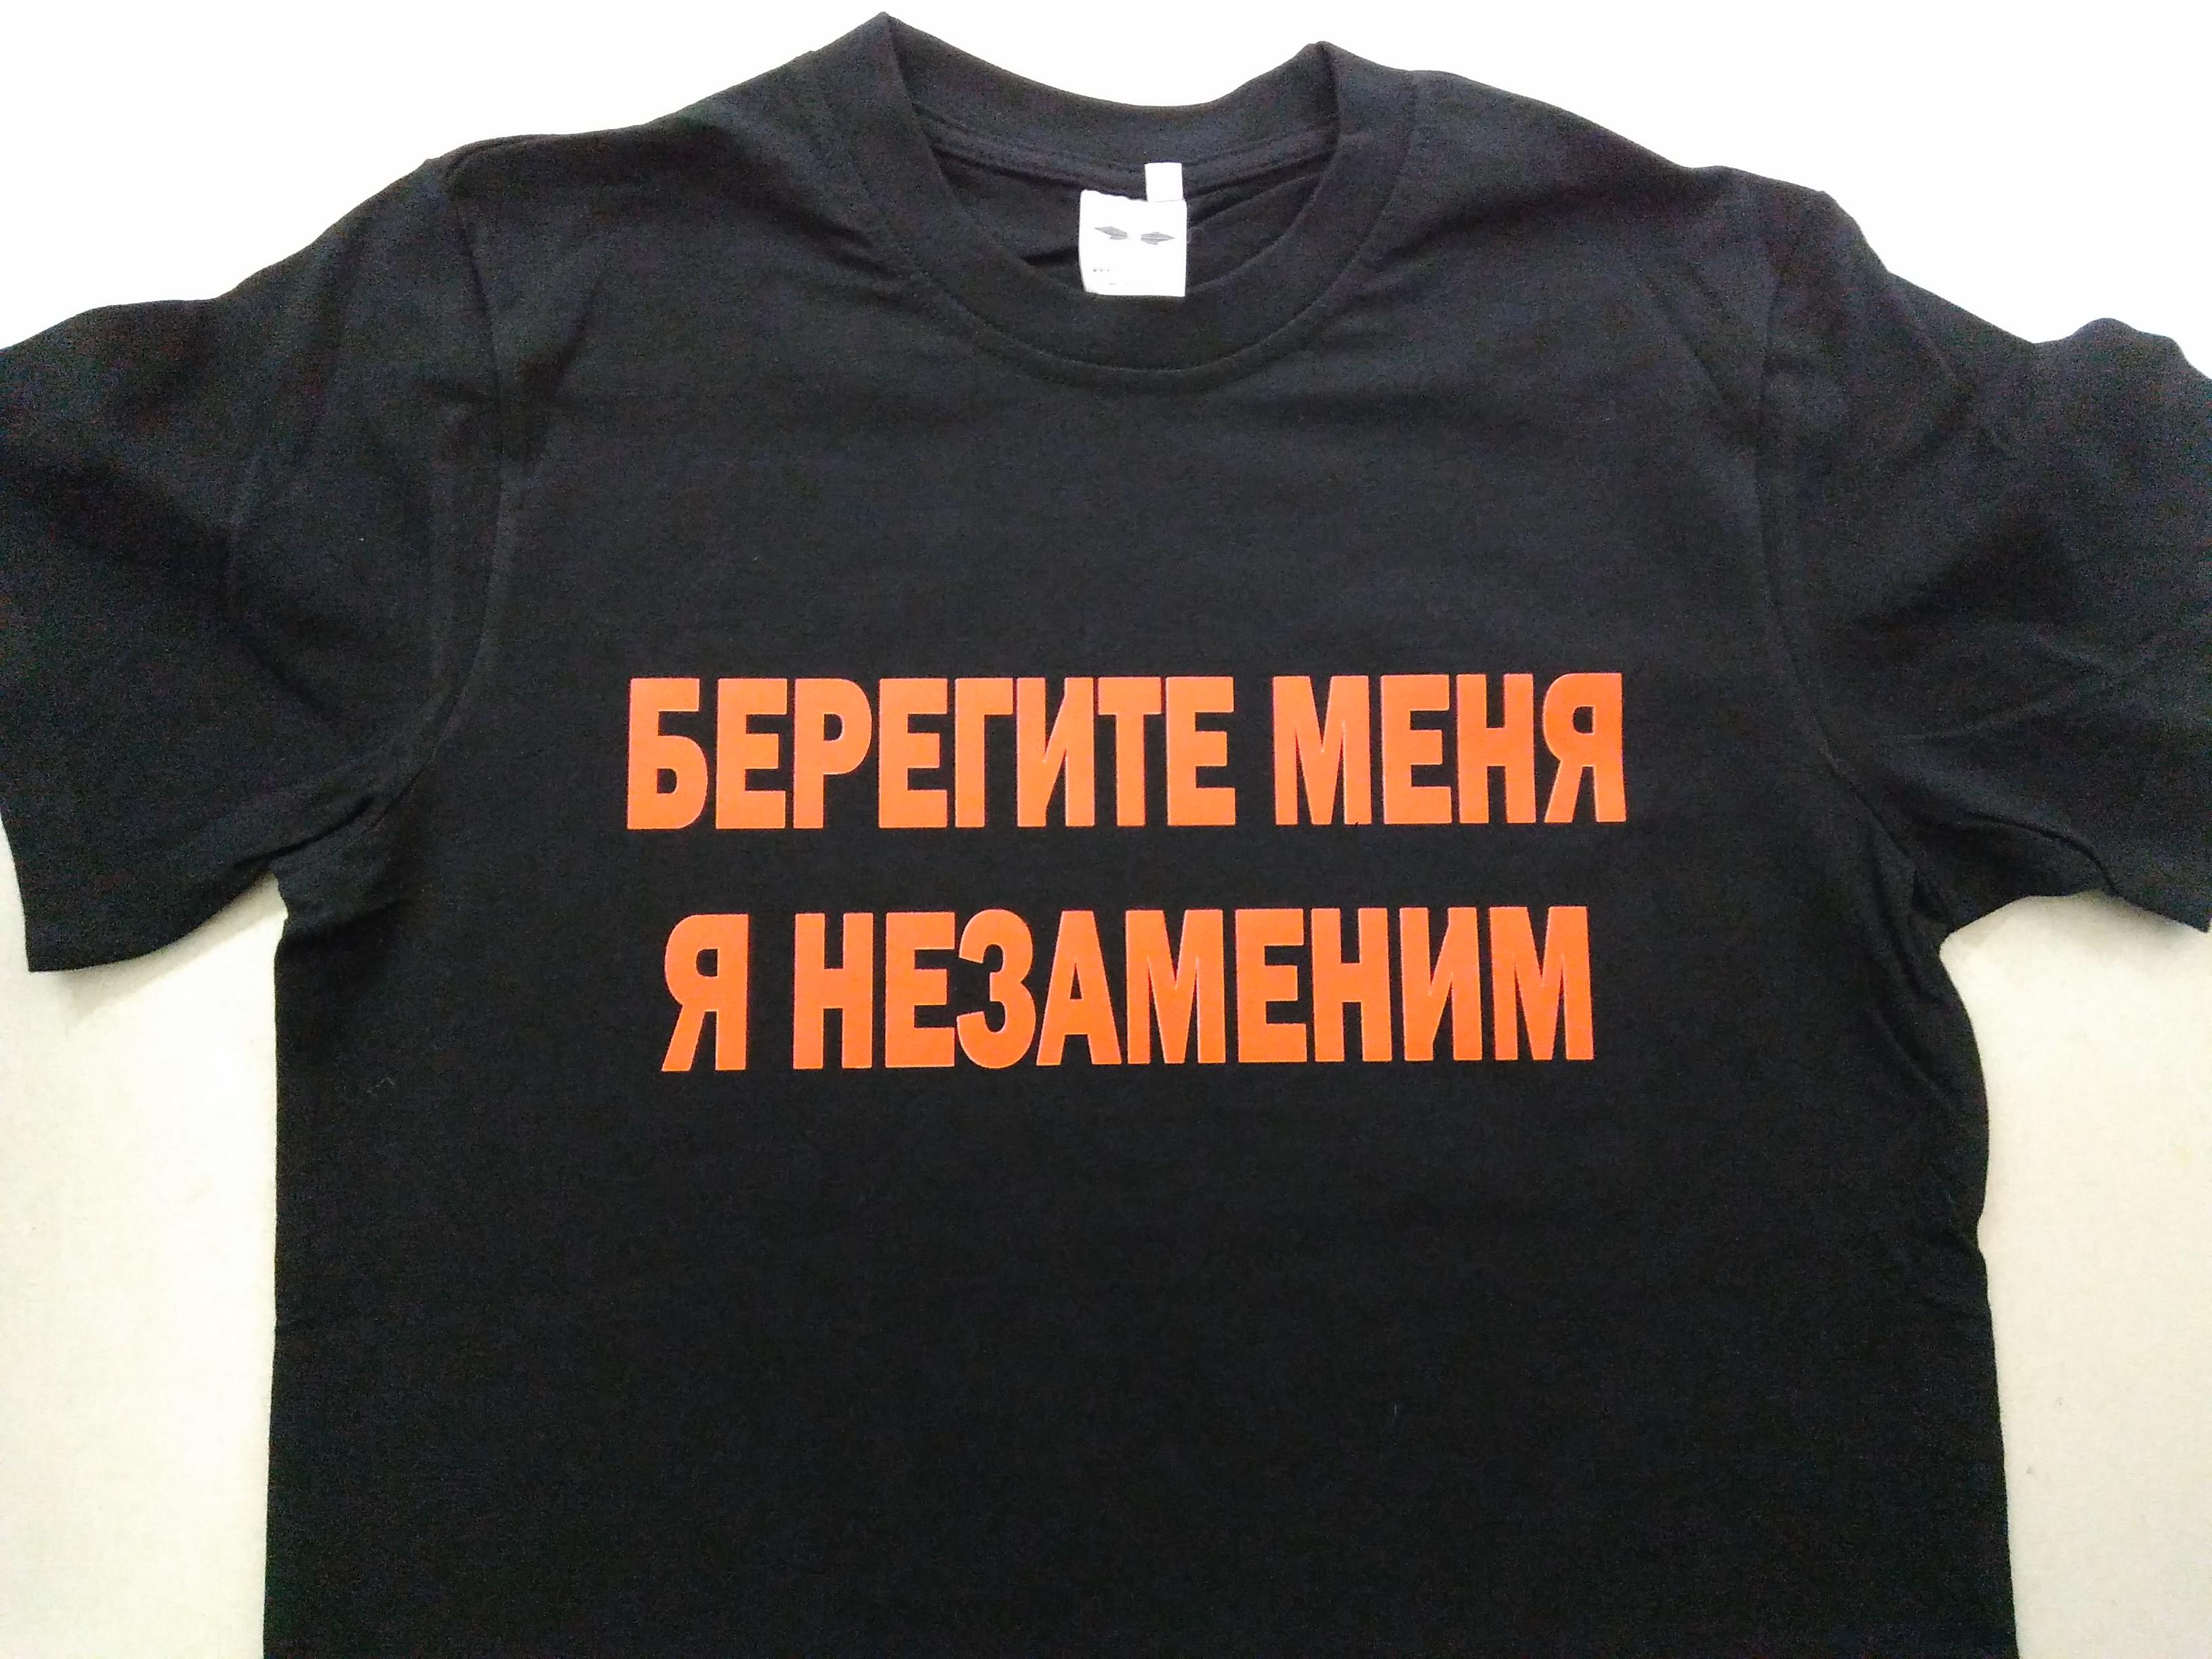 Купить Футболку С Надписью В Дудинке